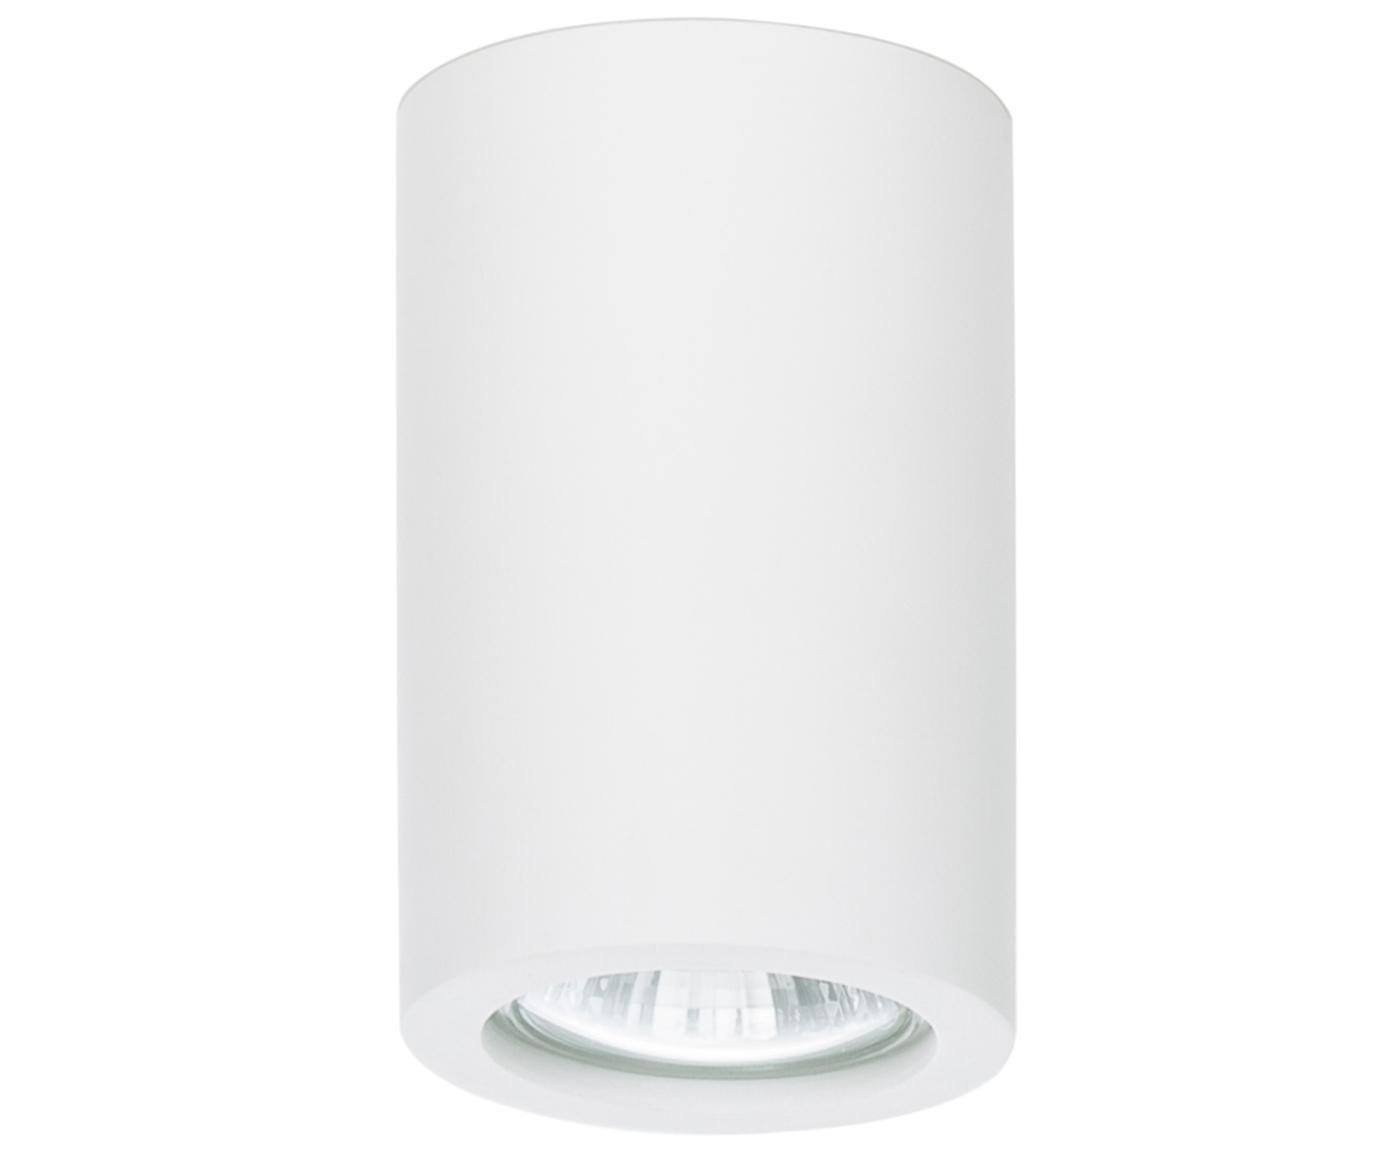 Lampa spot do malowania Gypsum, Gips, Biały, Ø 7 x W 11 cm